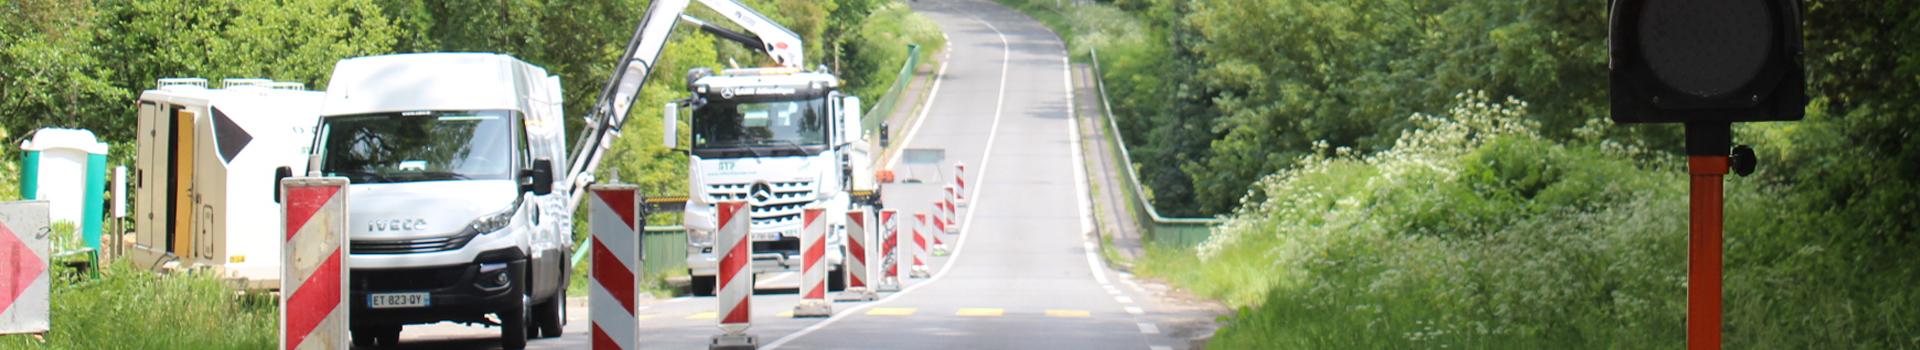 Pont de la Verrière: travaux de réparation du réseau d'eau potable